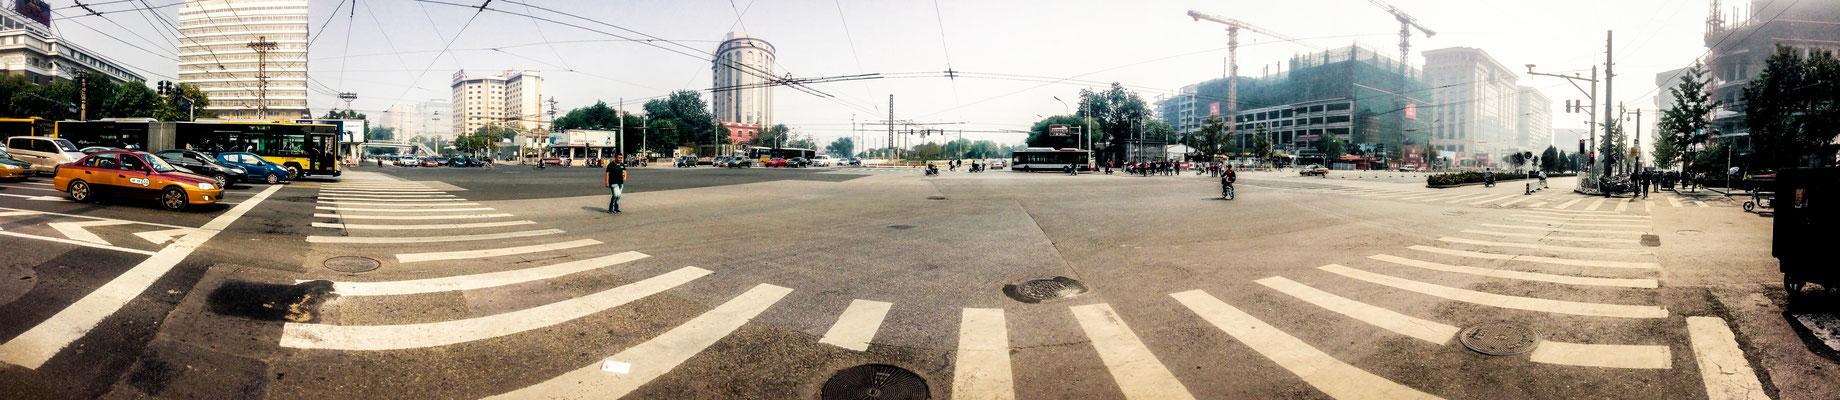 Beijing Crossroads